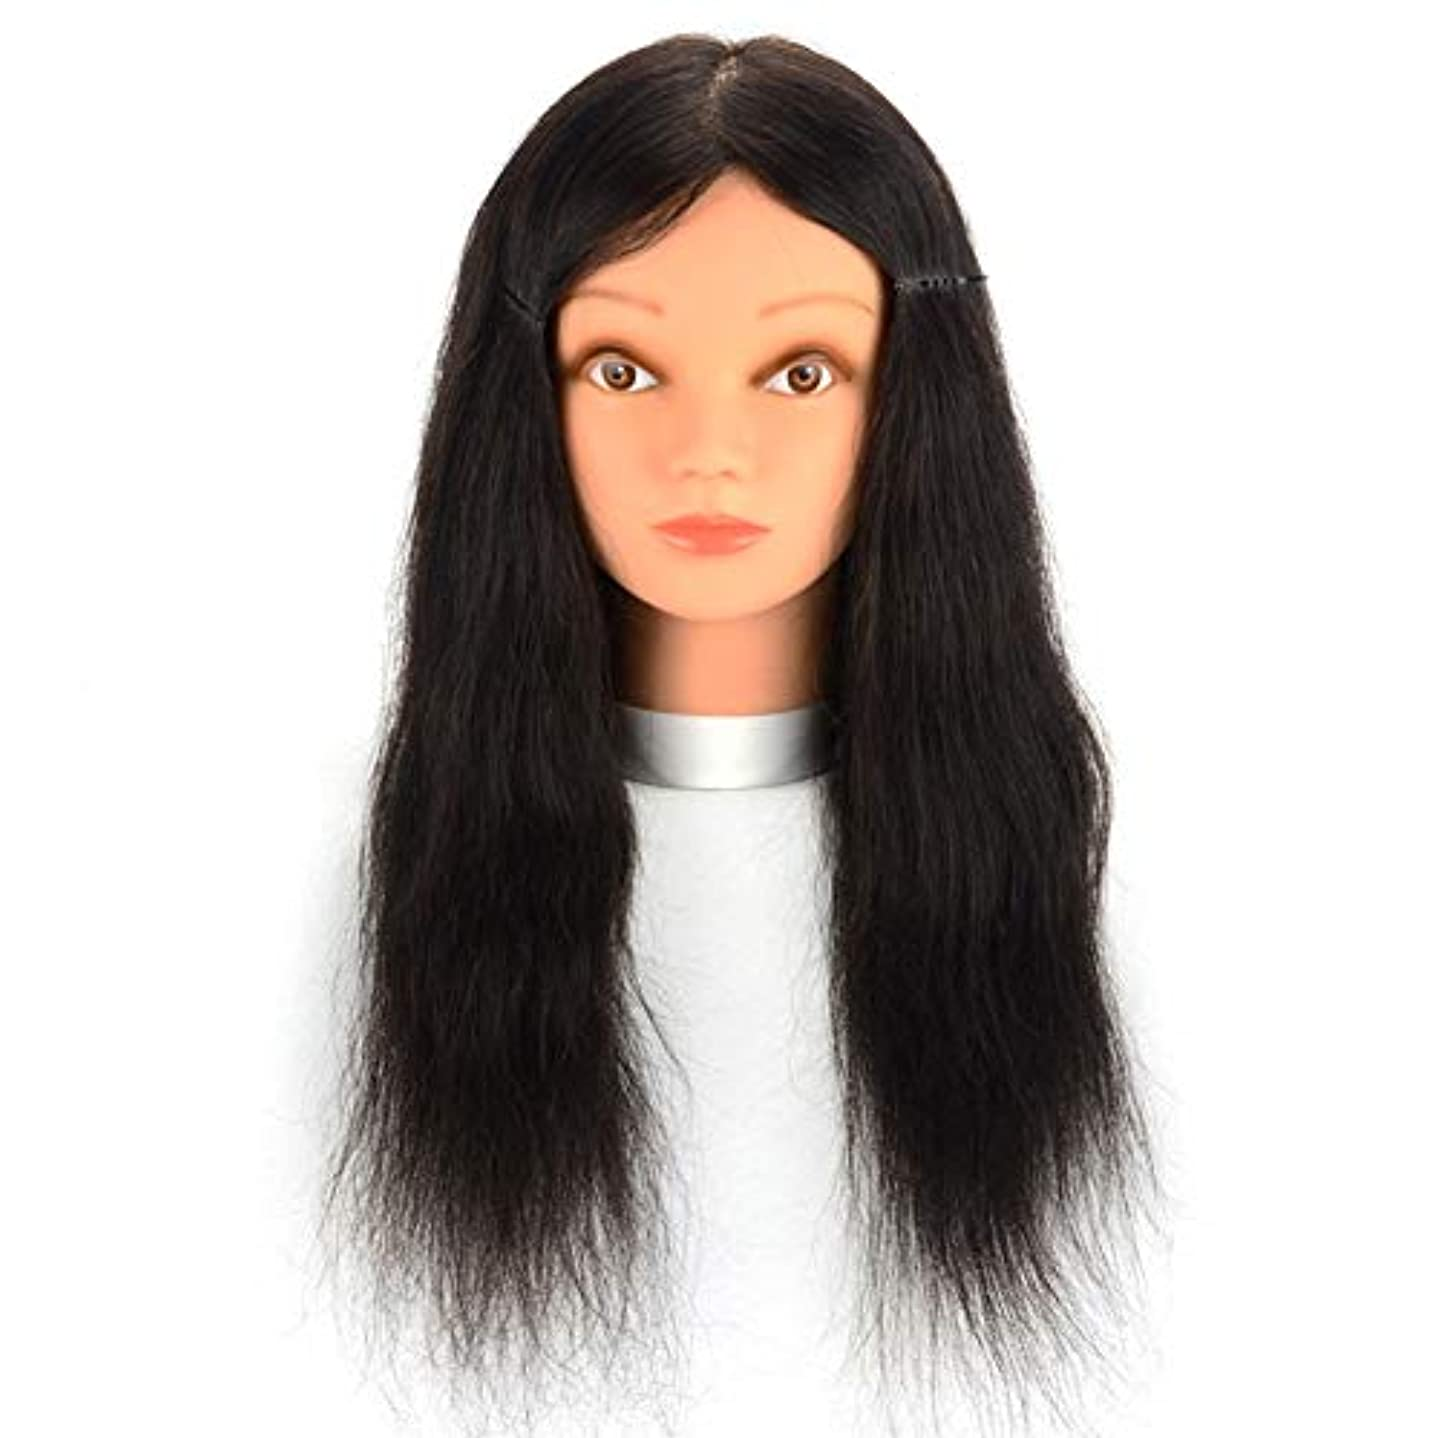 とティーム非常に副リアルヘアマネキンヘッド理髪店パーマ髪染色練習かつらヘッドモデルメイクアップヘアカット練習ダミーヘッド,16inches